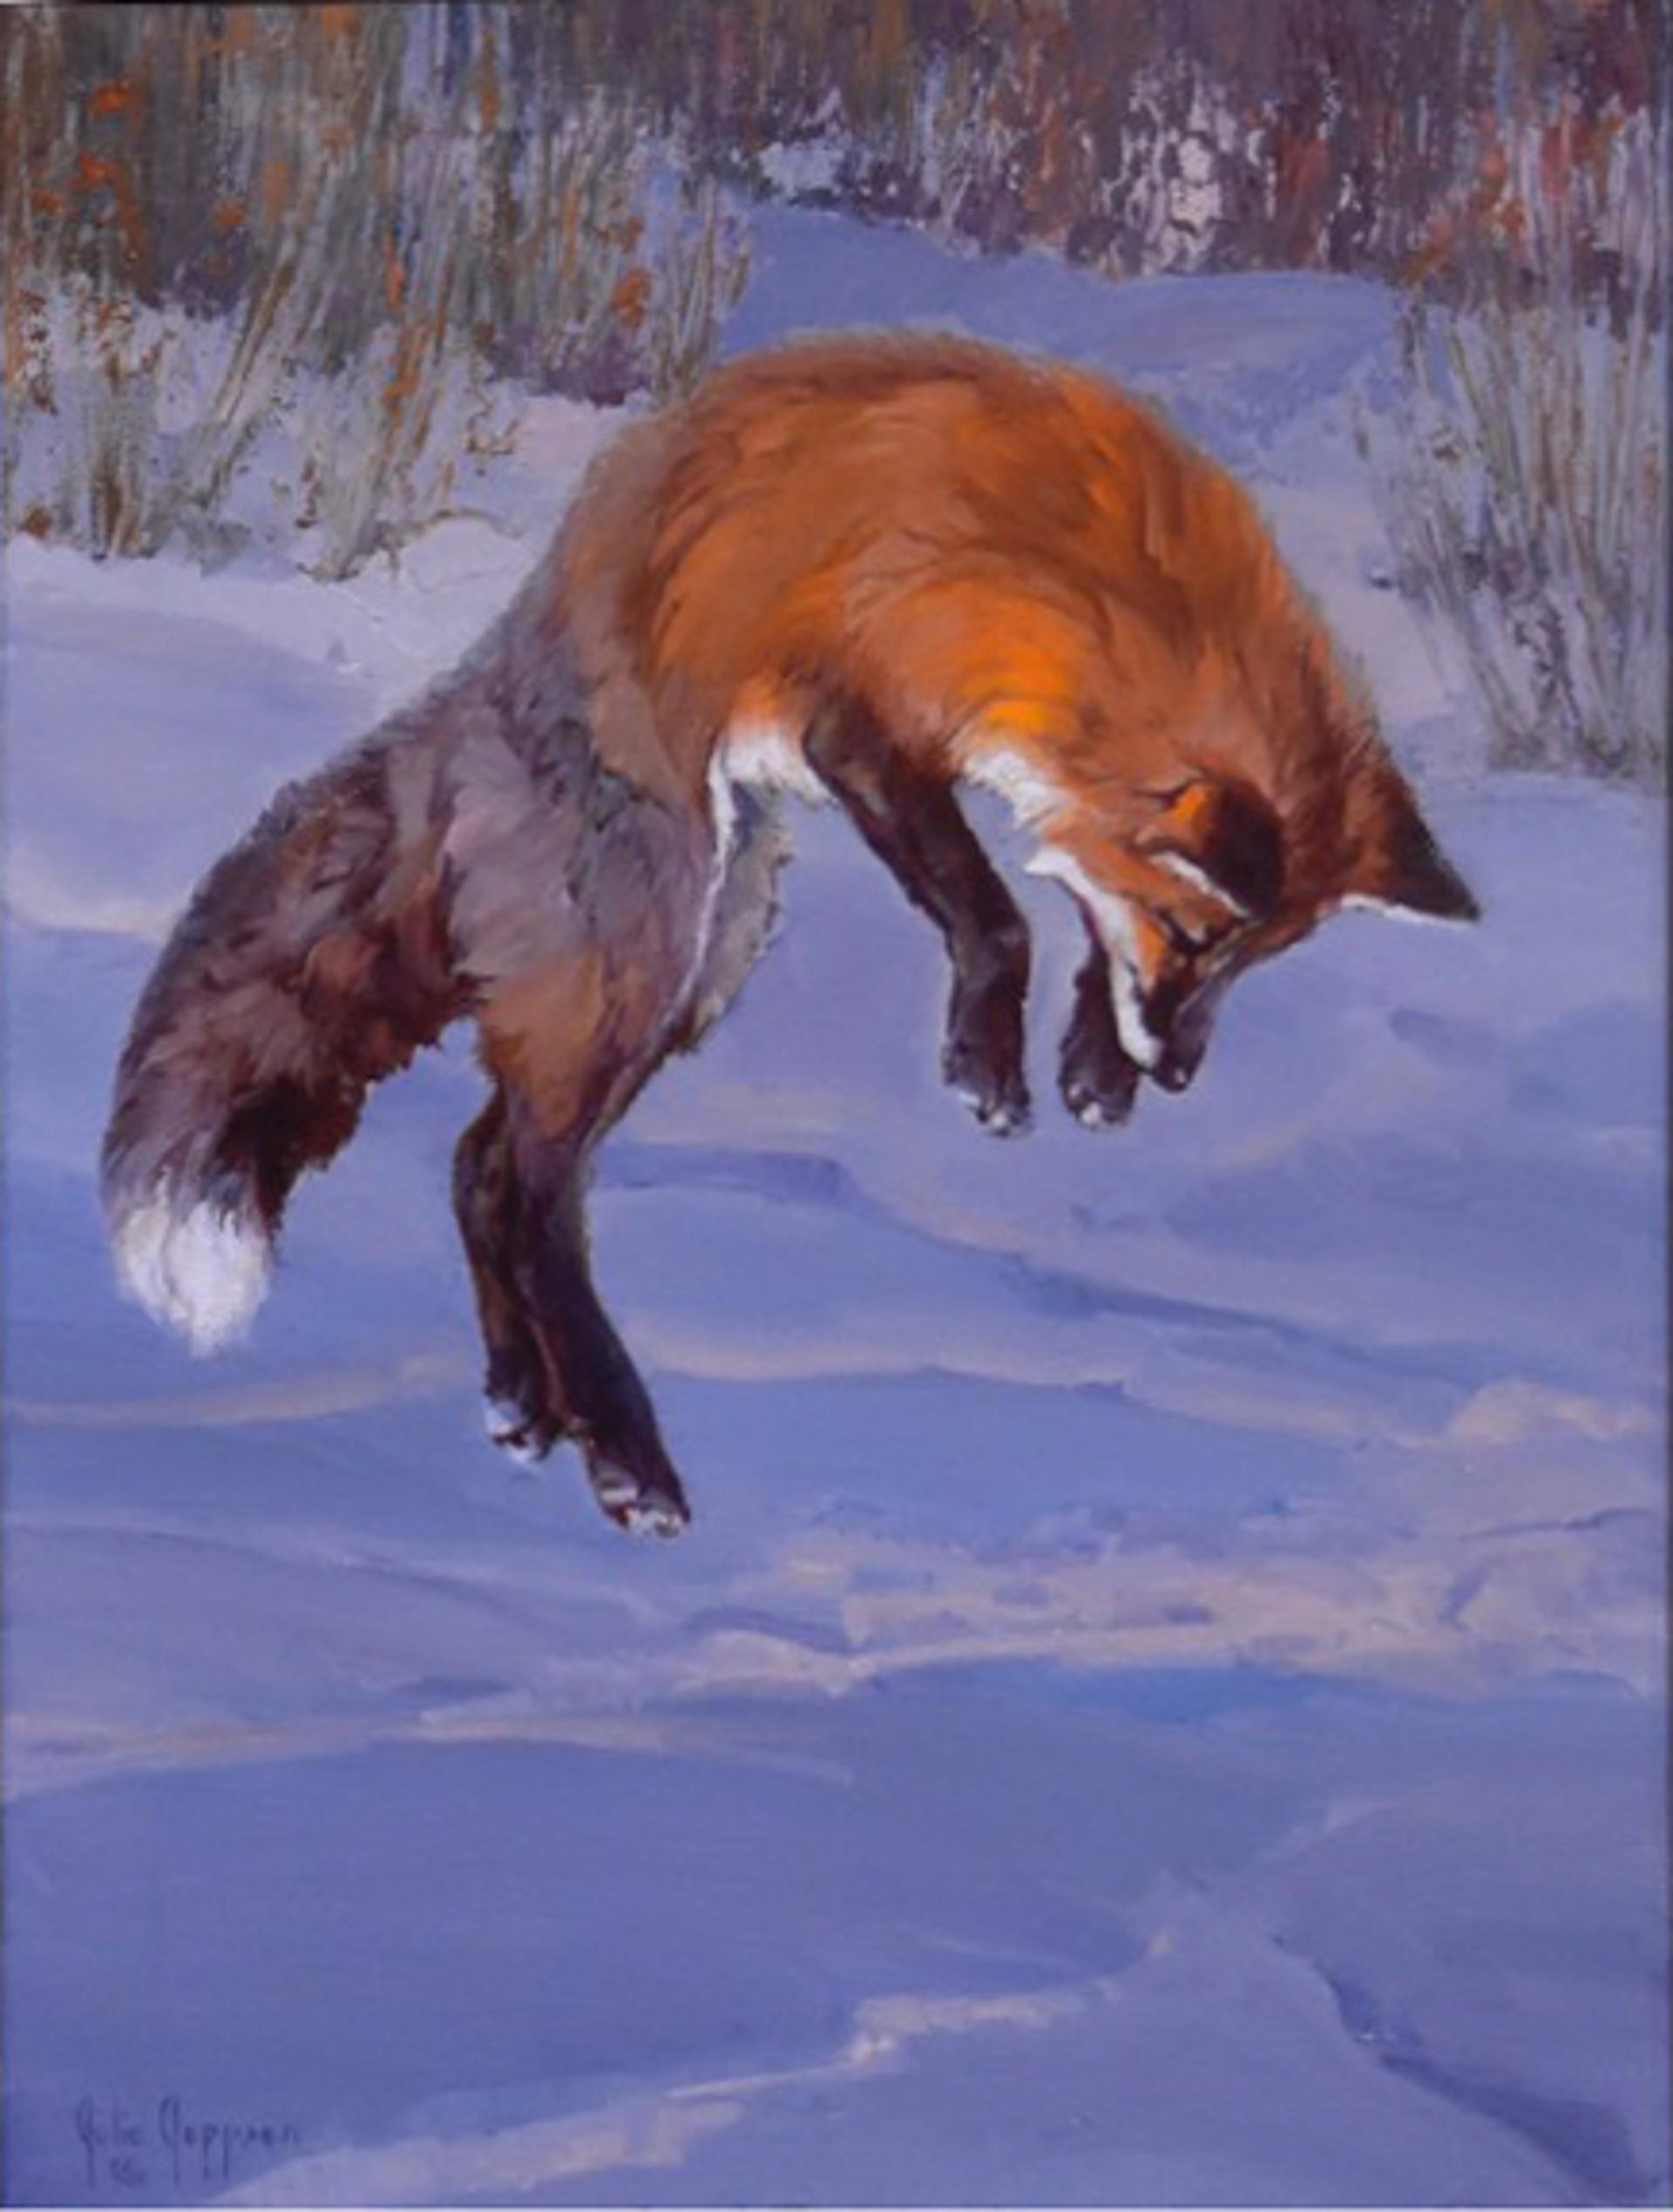 Snow Dive by Julie Jeppsen